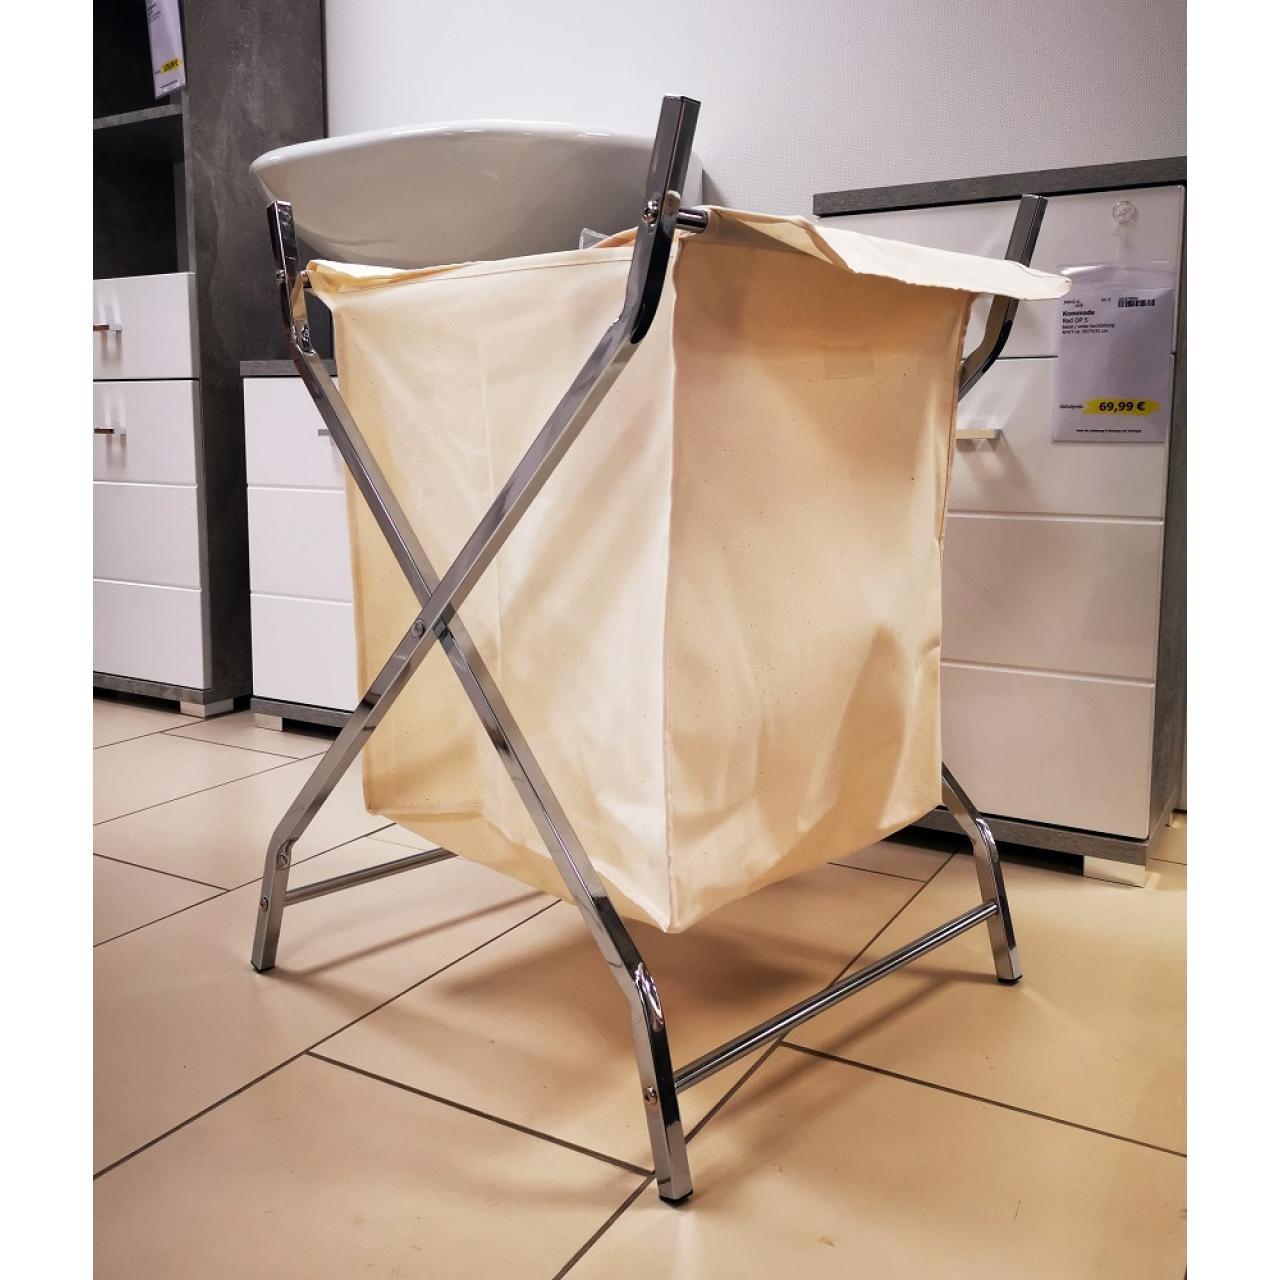 Wäschekorb Stoff beige klappbar Metallgestell Wäschebox Kleiderkorb Wäsche